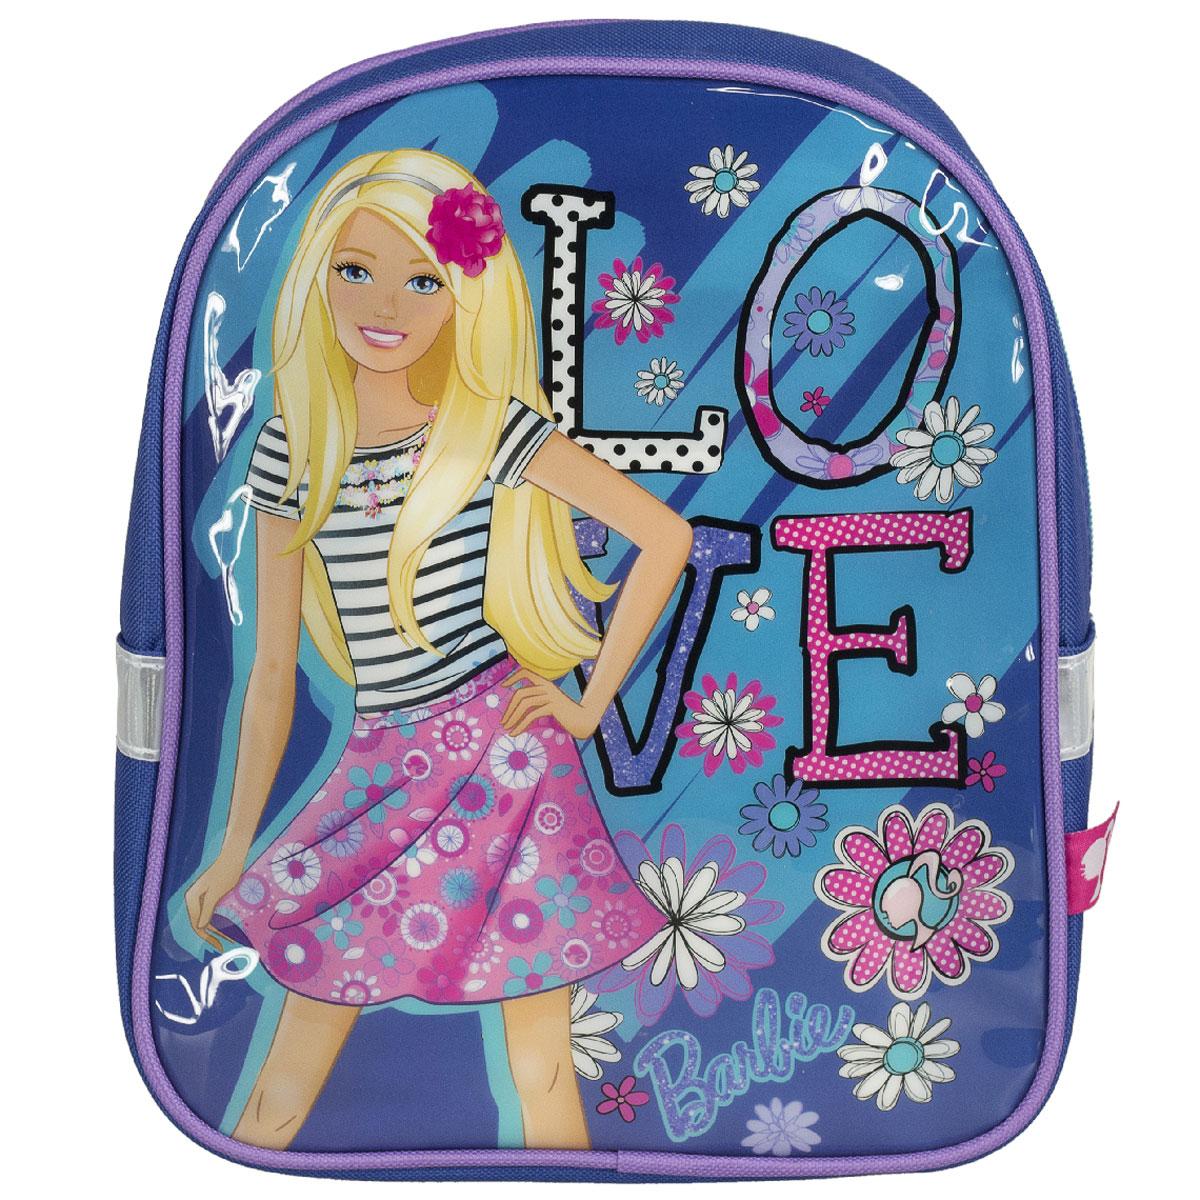 Рюкзак детский Barbie, цвет: синий. BRCB-UT4-521730396Детский рюкзак Barbie - это незаменимая вещь для прогулок и повседневных дел, в нем можно разместить самые важные вещи. Пусть у вашего ребенка тоже будет свой собственный рюкзак. Выполнен из прочных и безопасных материалов. Передняя панель украшена ярким изображением куклы Барби. У модели одно вместительное отделение на застежке-молнии. Широкие лямки можно свободно регулировать по длине в зависимости от роста ребенка. Рюкзак оснащен текстильной ручкой для переноски в руке. Светоотражающие элементы обеспечивают безопасность в темное время сутокРекомендуемый возраст: от 7 лет.